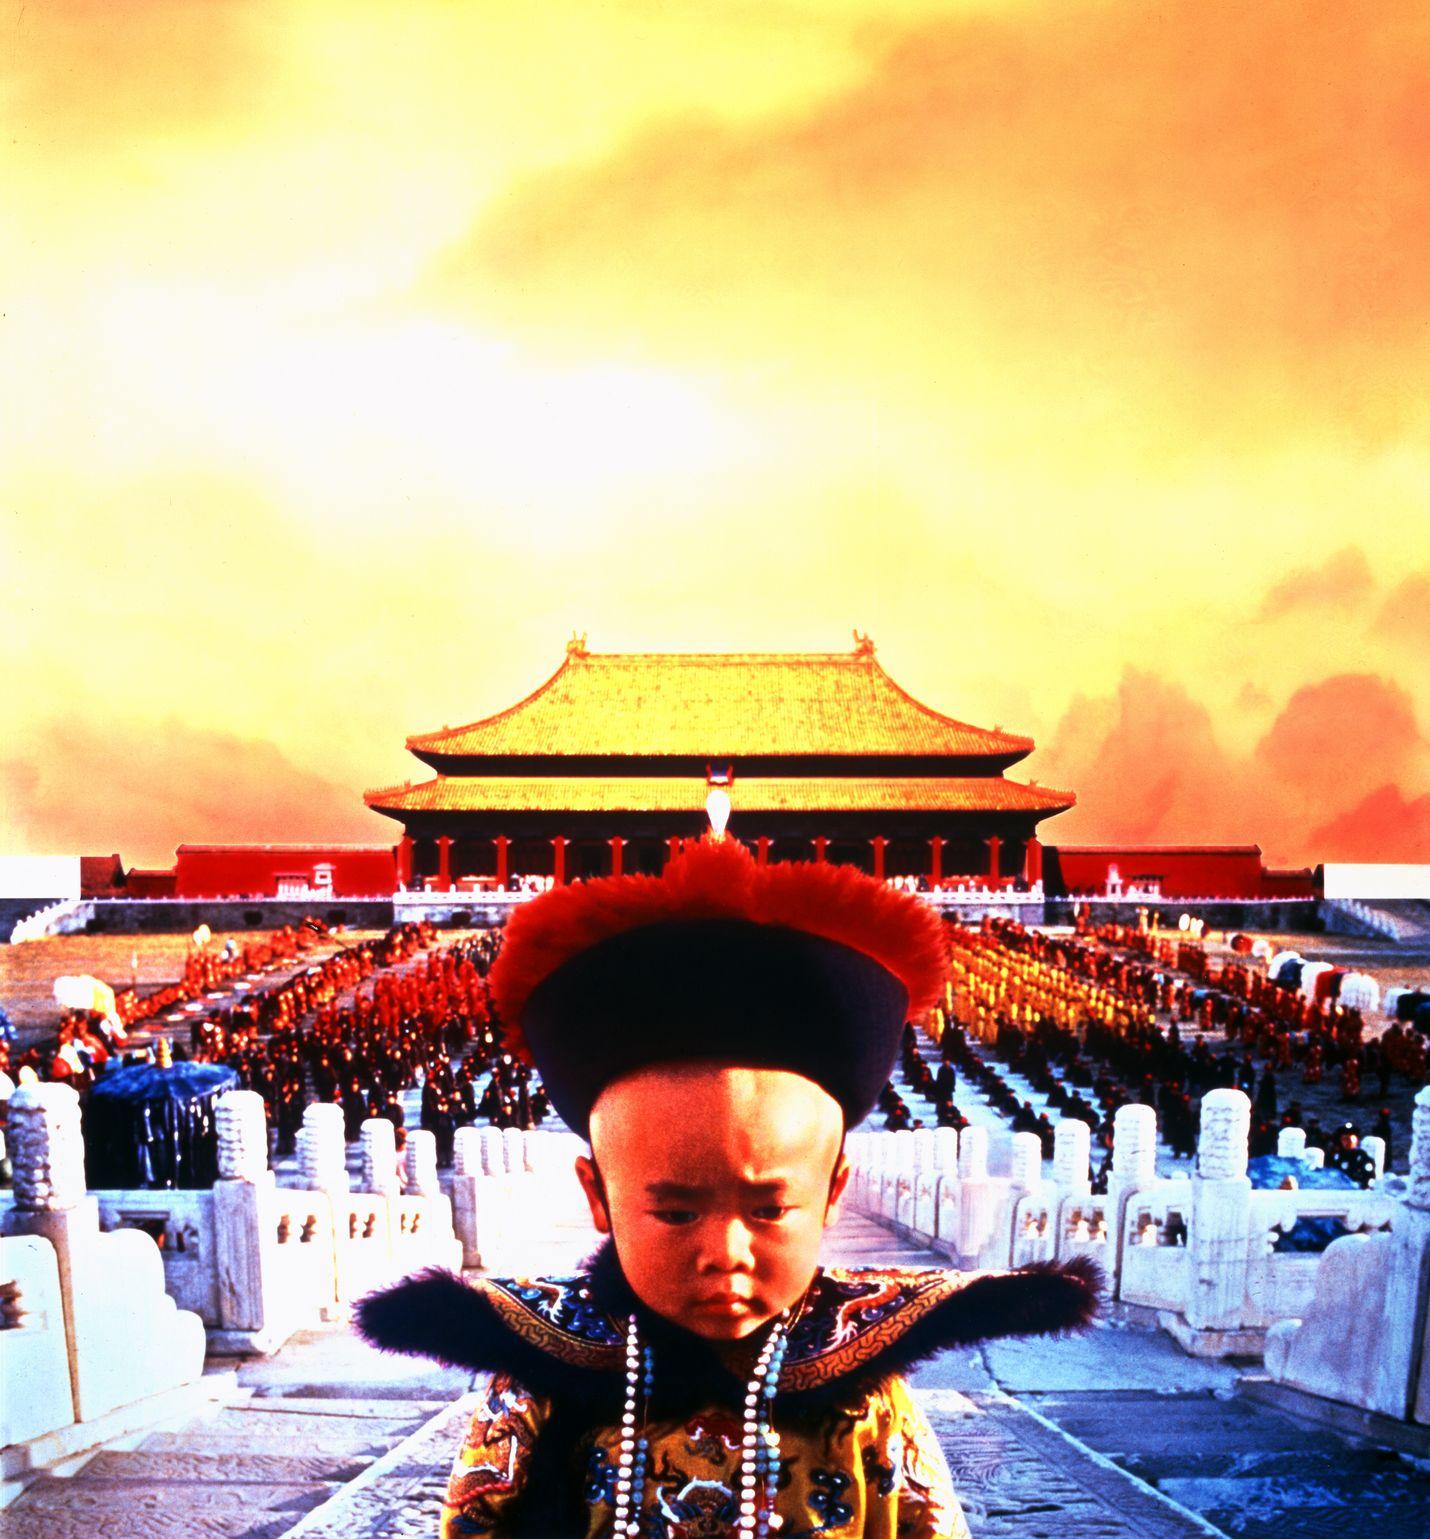 Yhdeksällä Oscarilla palkittu Bernardo Bertoluccin suurelokuva kertoo Kiinan keisarikunnan viimeisestä hallitsijasta 1900-luvun suurten muutosten keskellä.